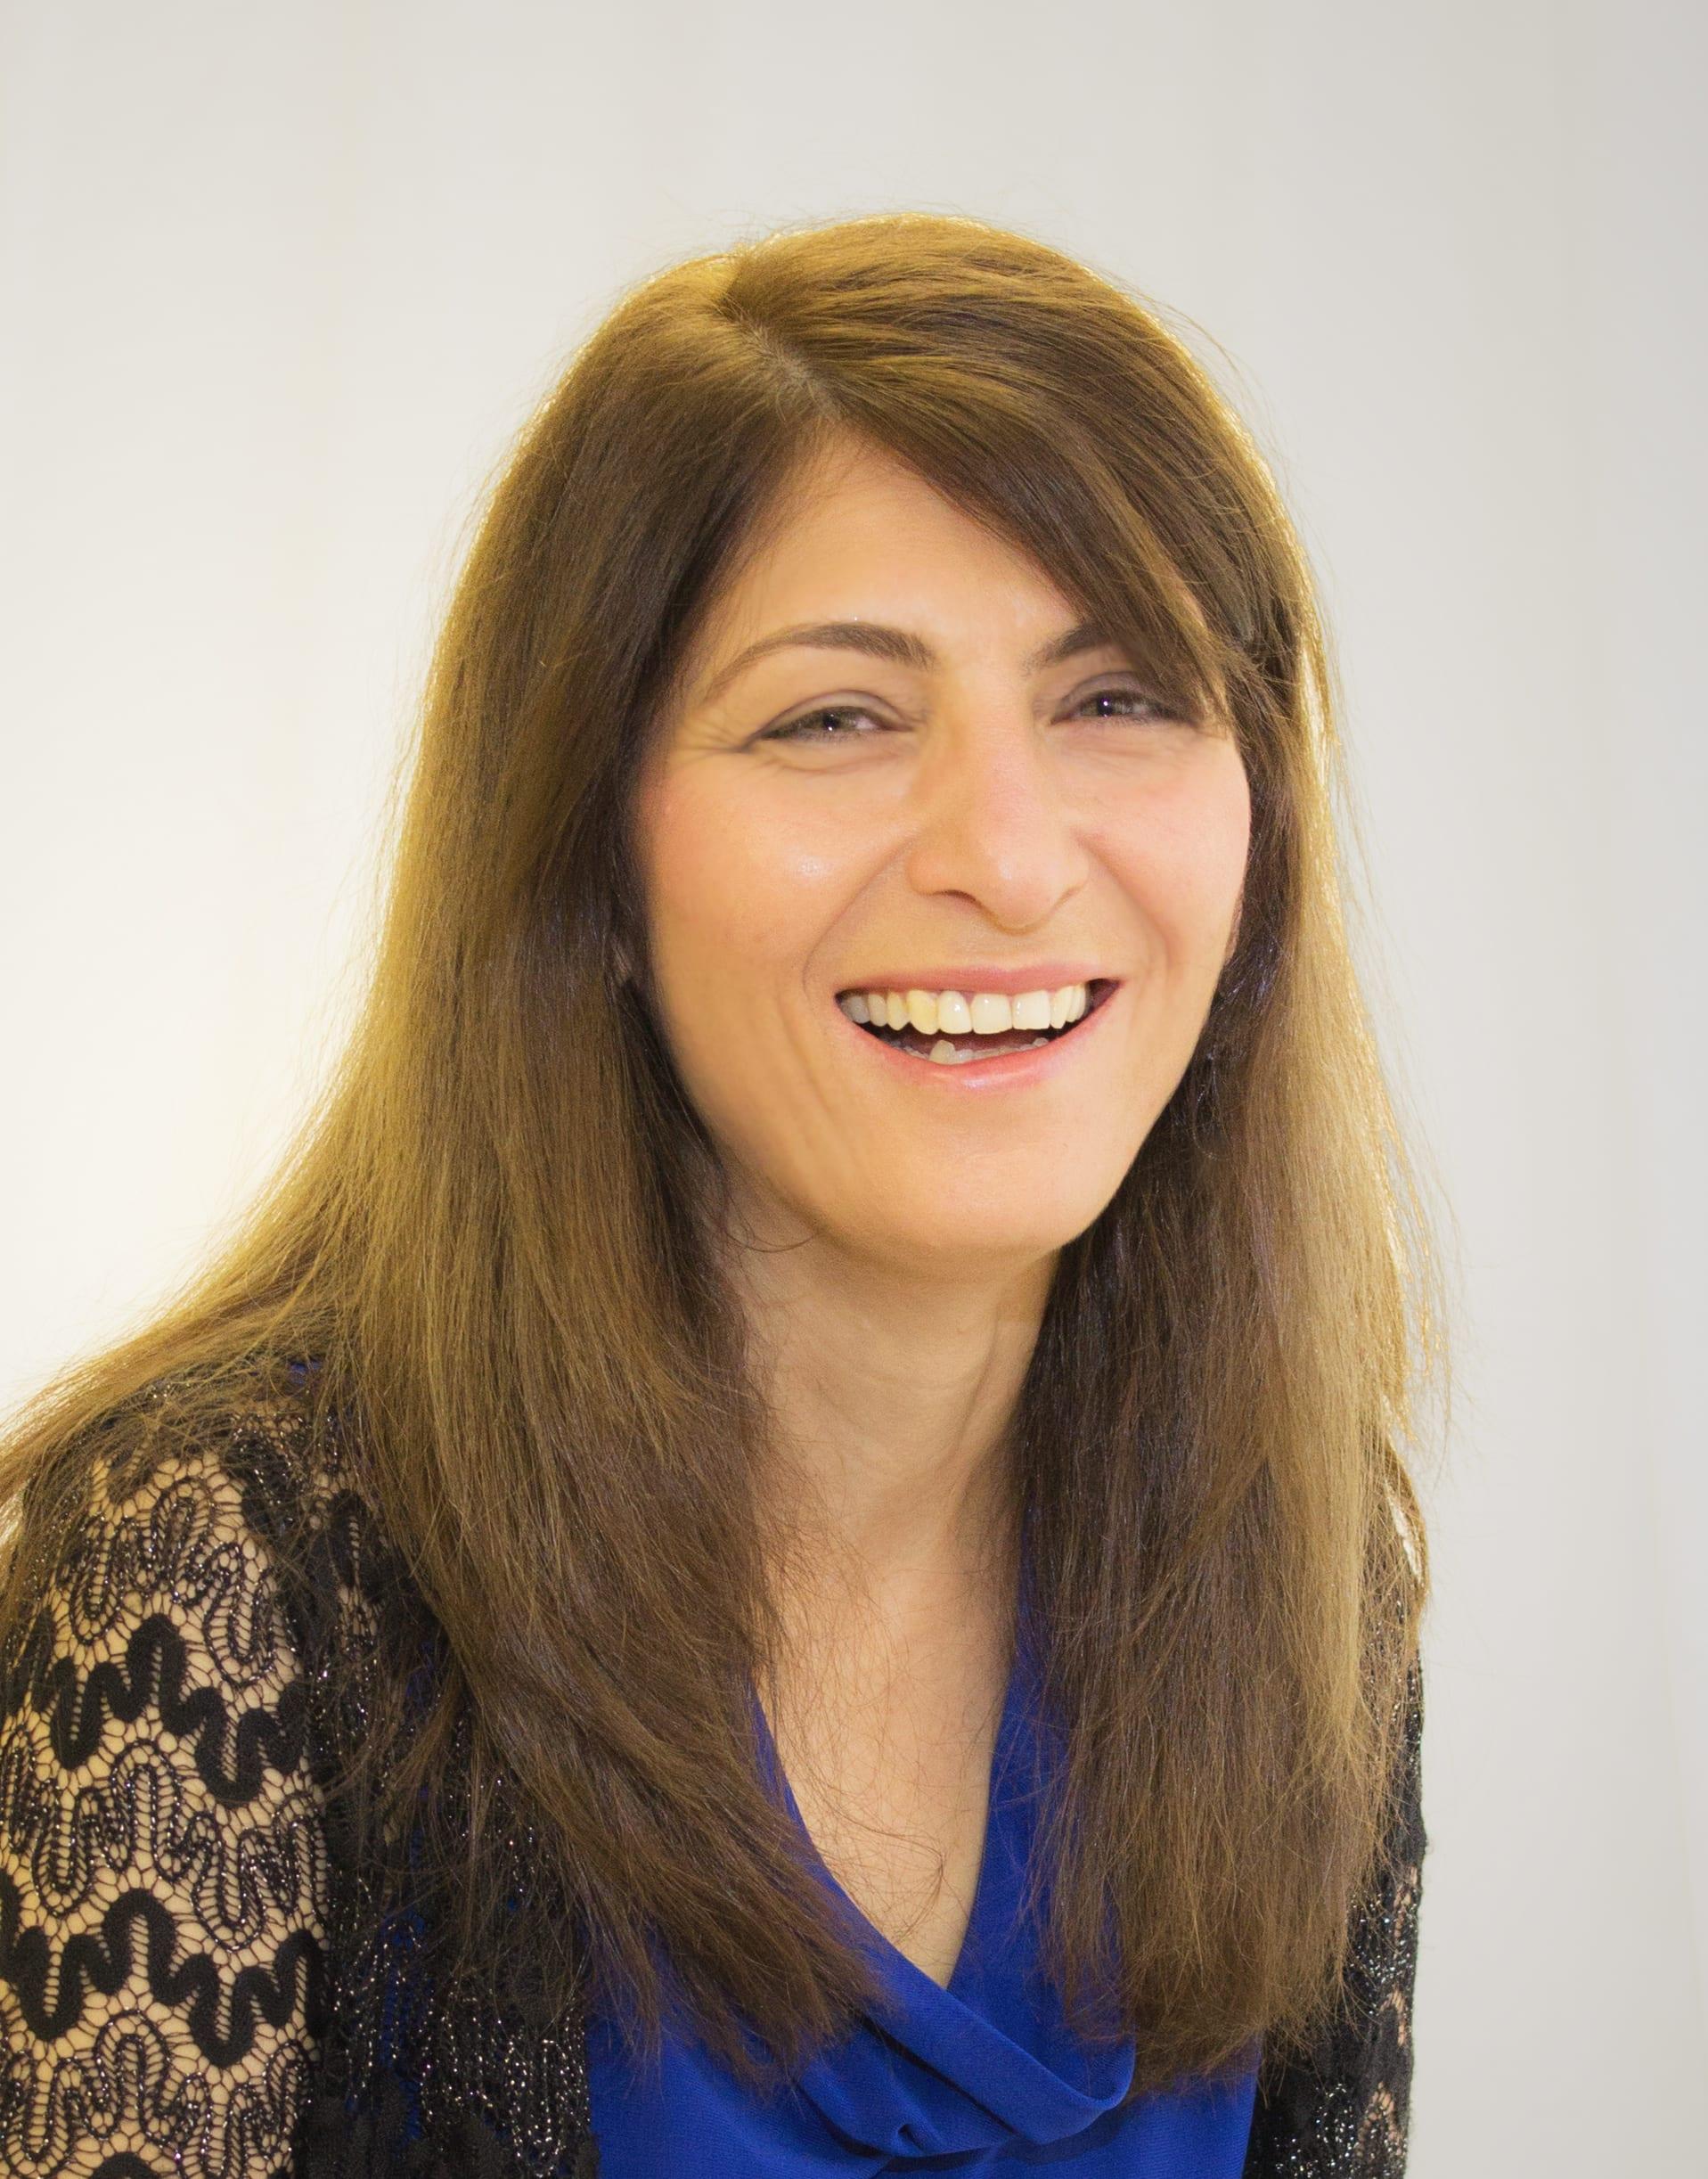 Dr. Soheyla Pezeshki MD